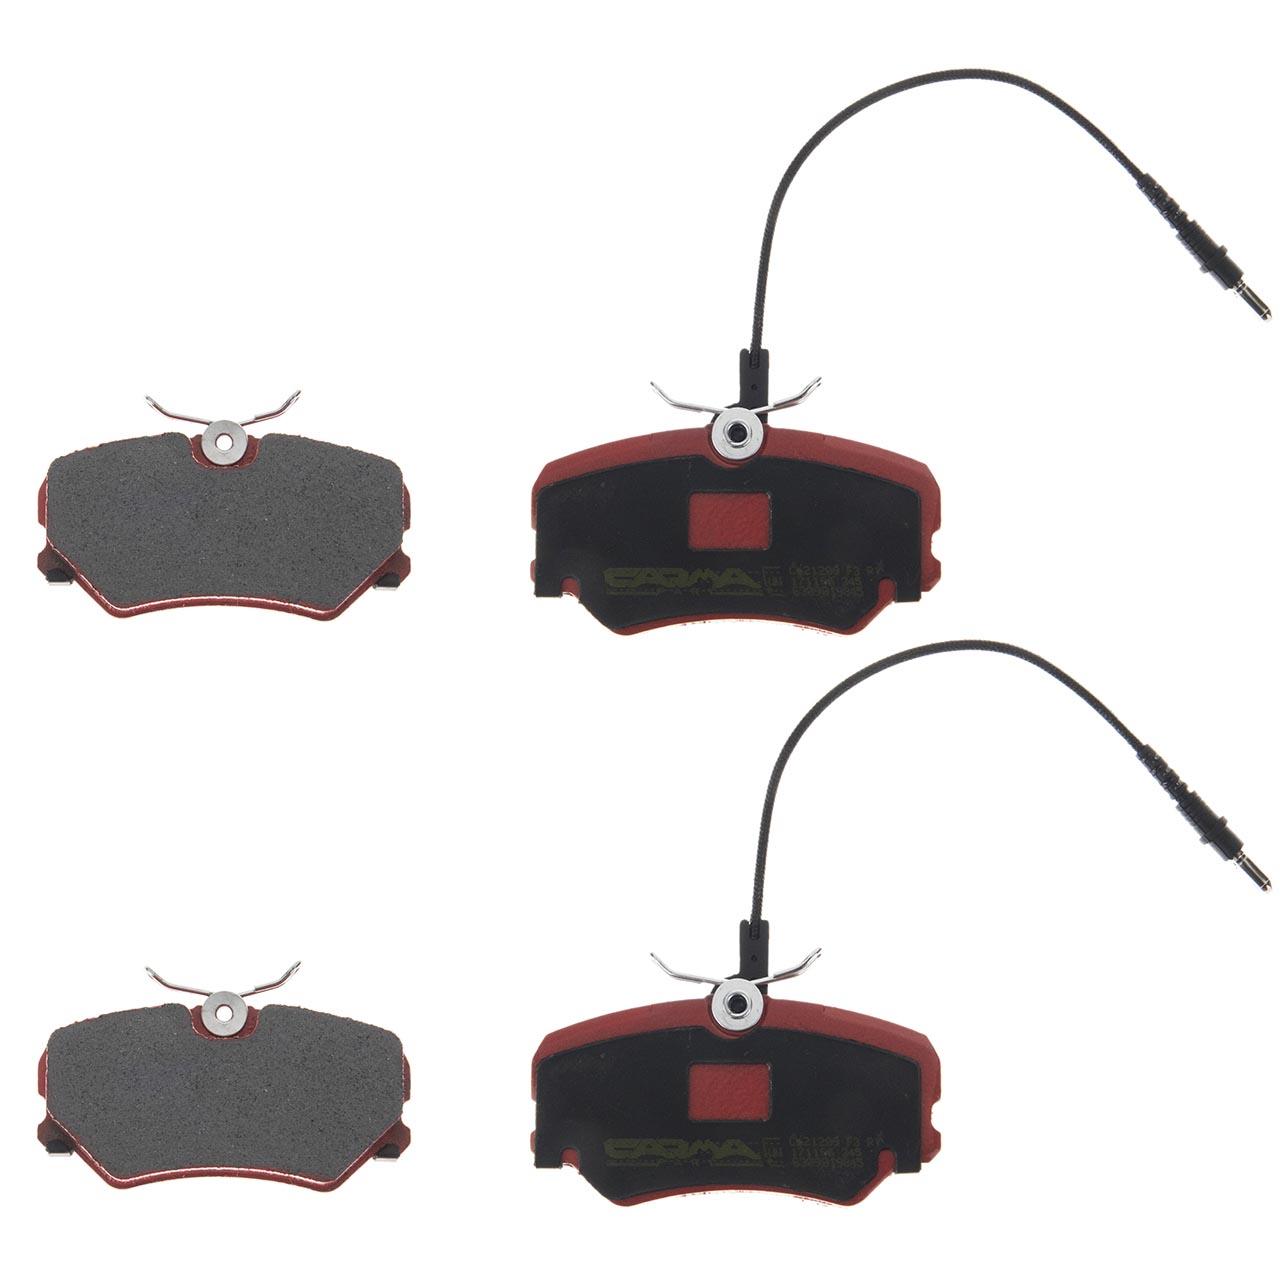 لنت ترمز جلو کارما دیسکی مناسب برای خودرو آریسان بسته 2جفتی